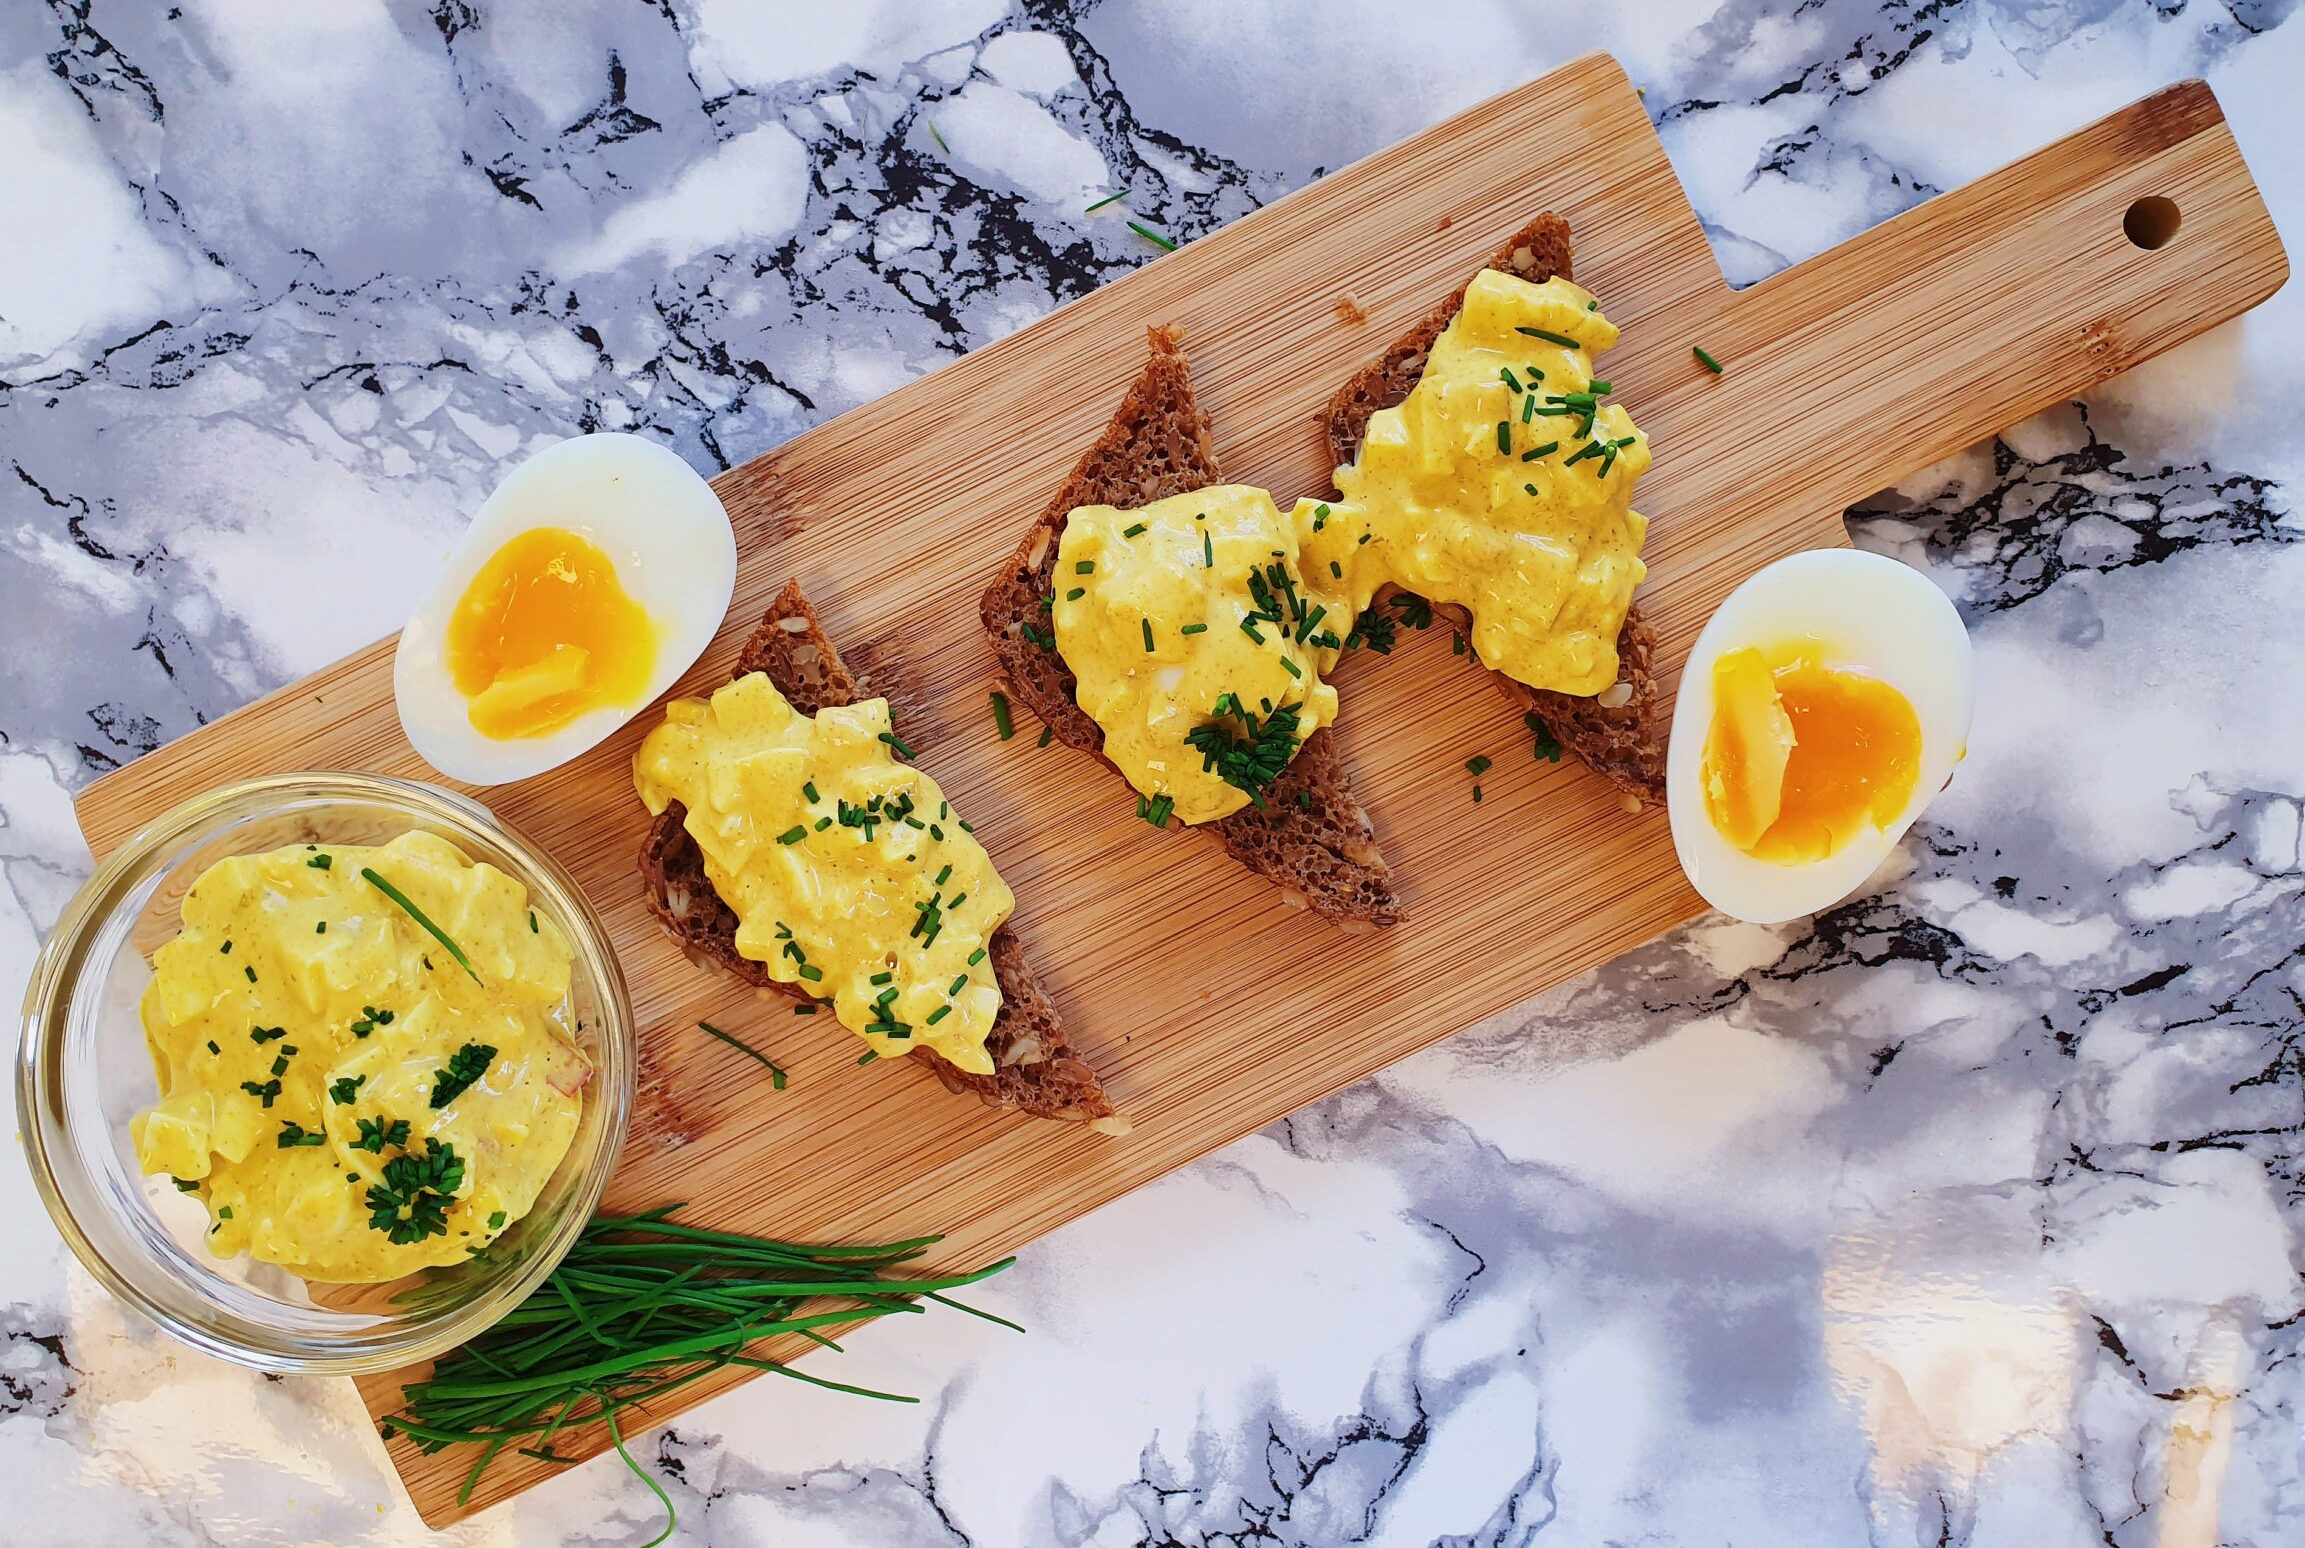 Æggesalat på bræt med rugbrød